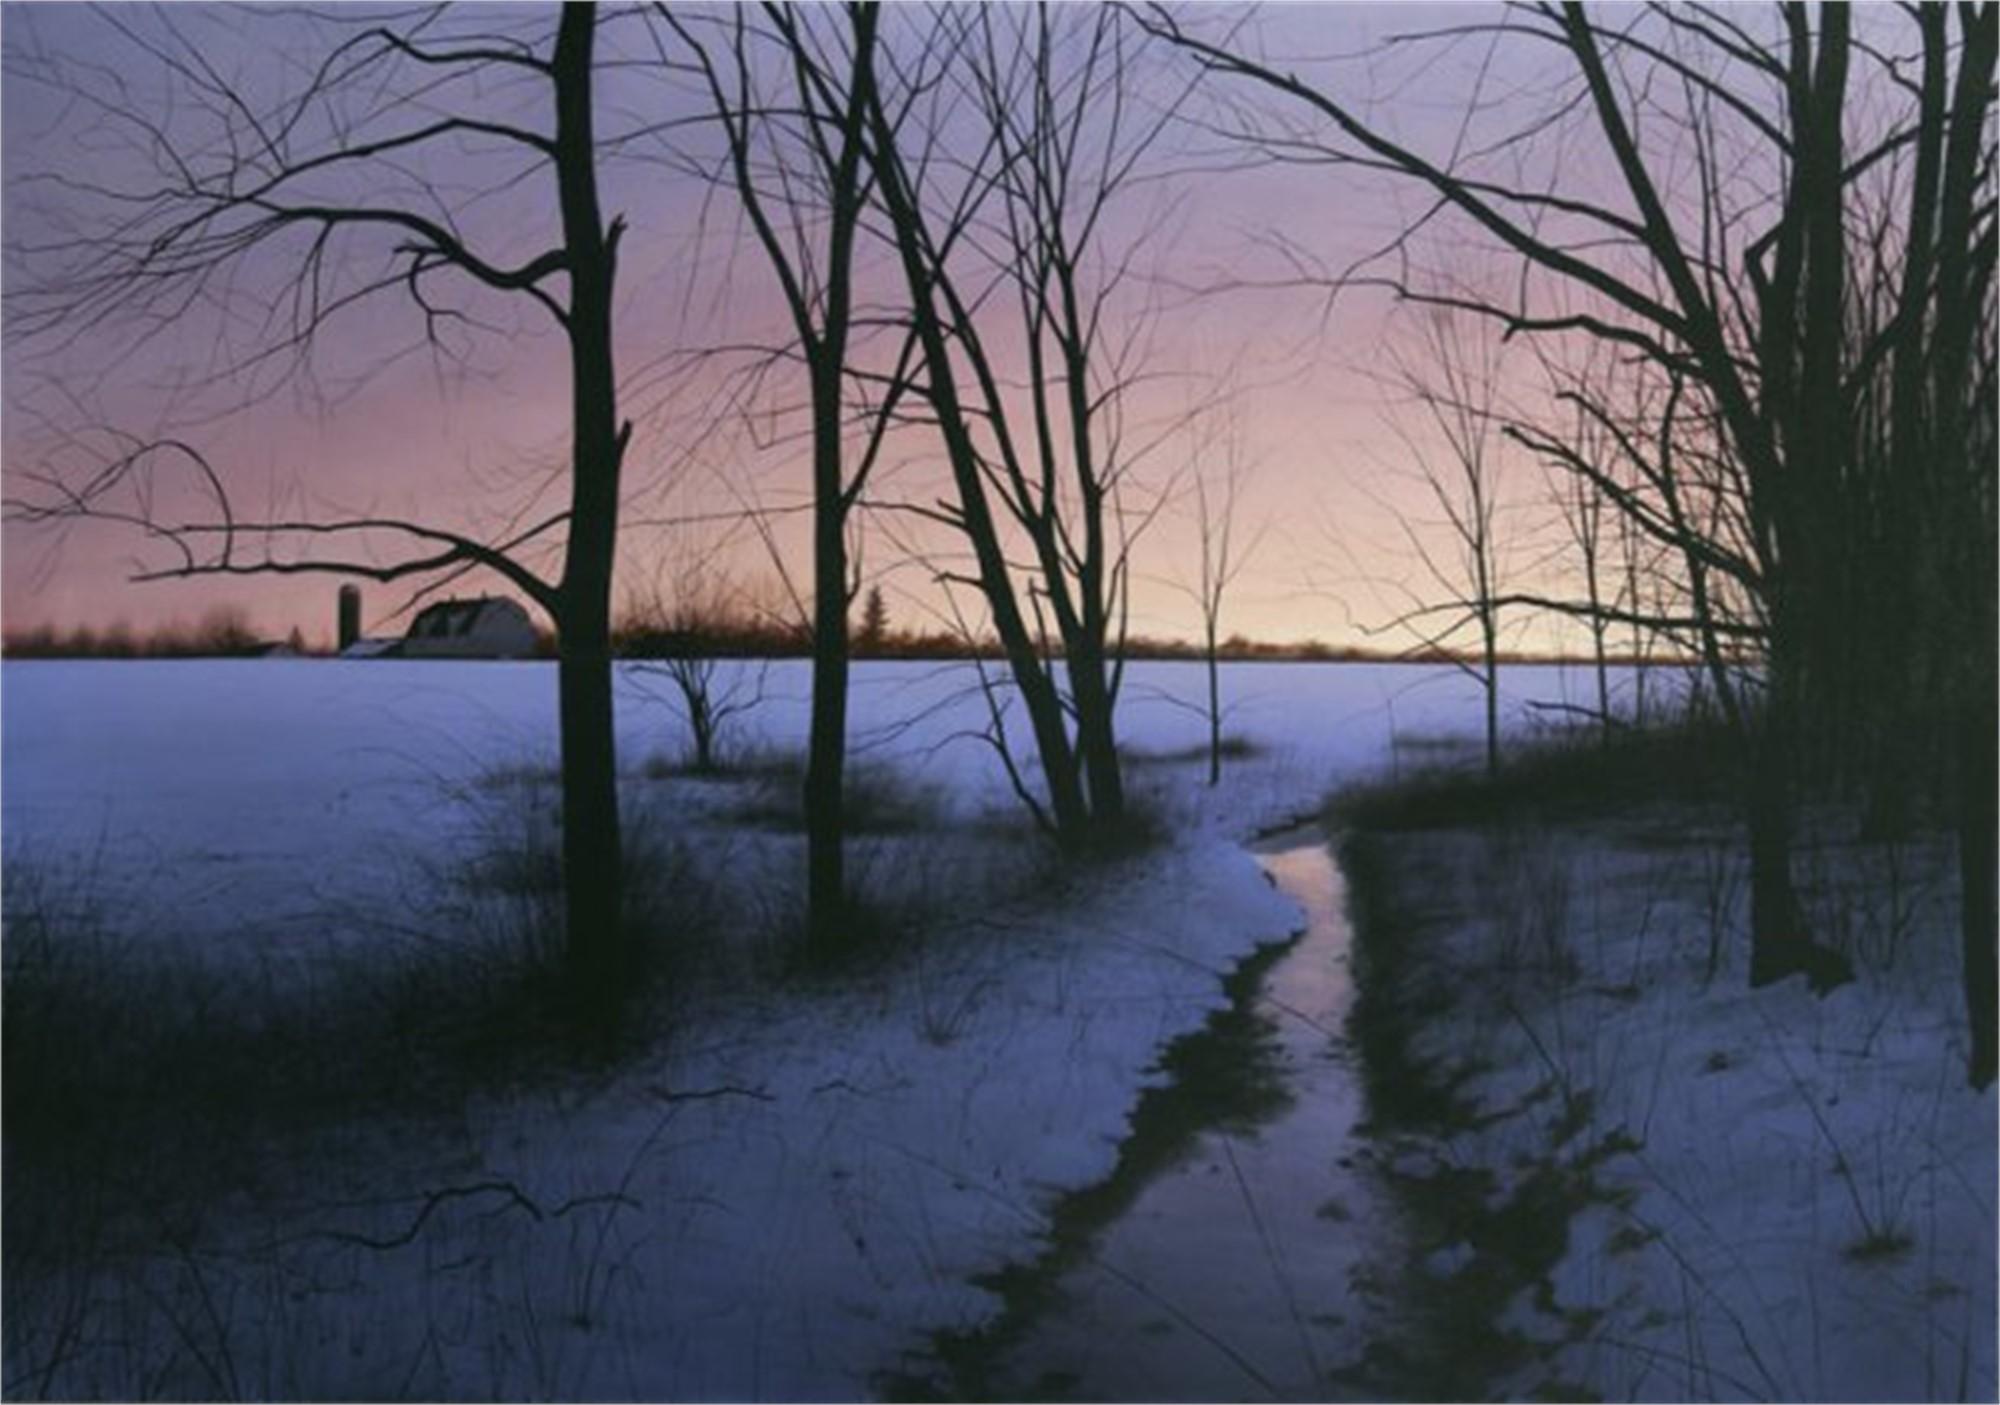 December Nightfall by Alexander Volkov